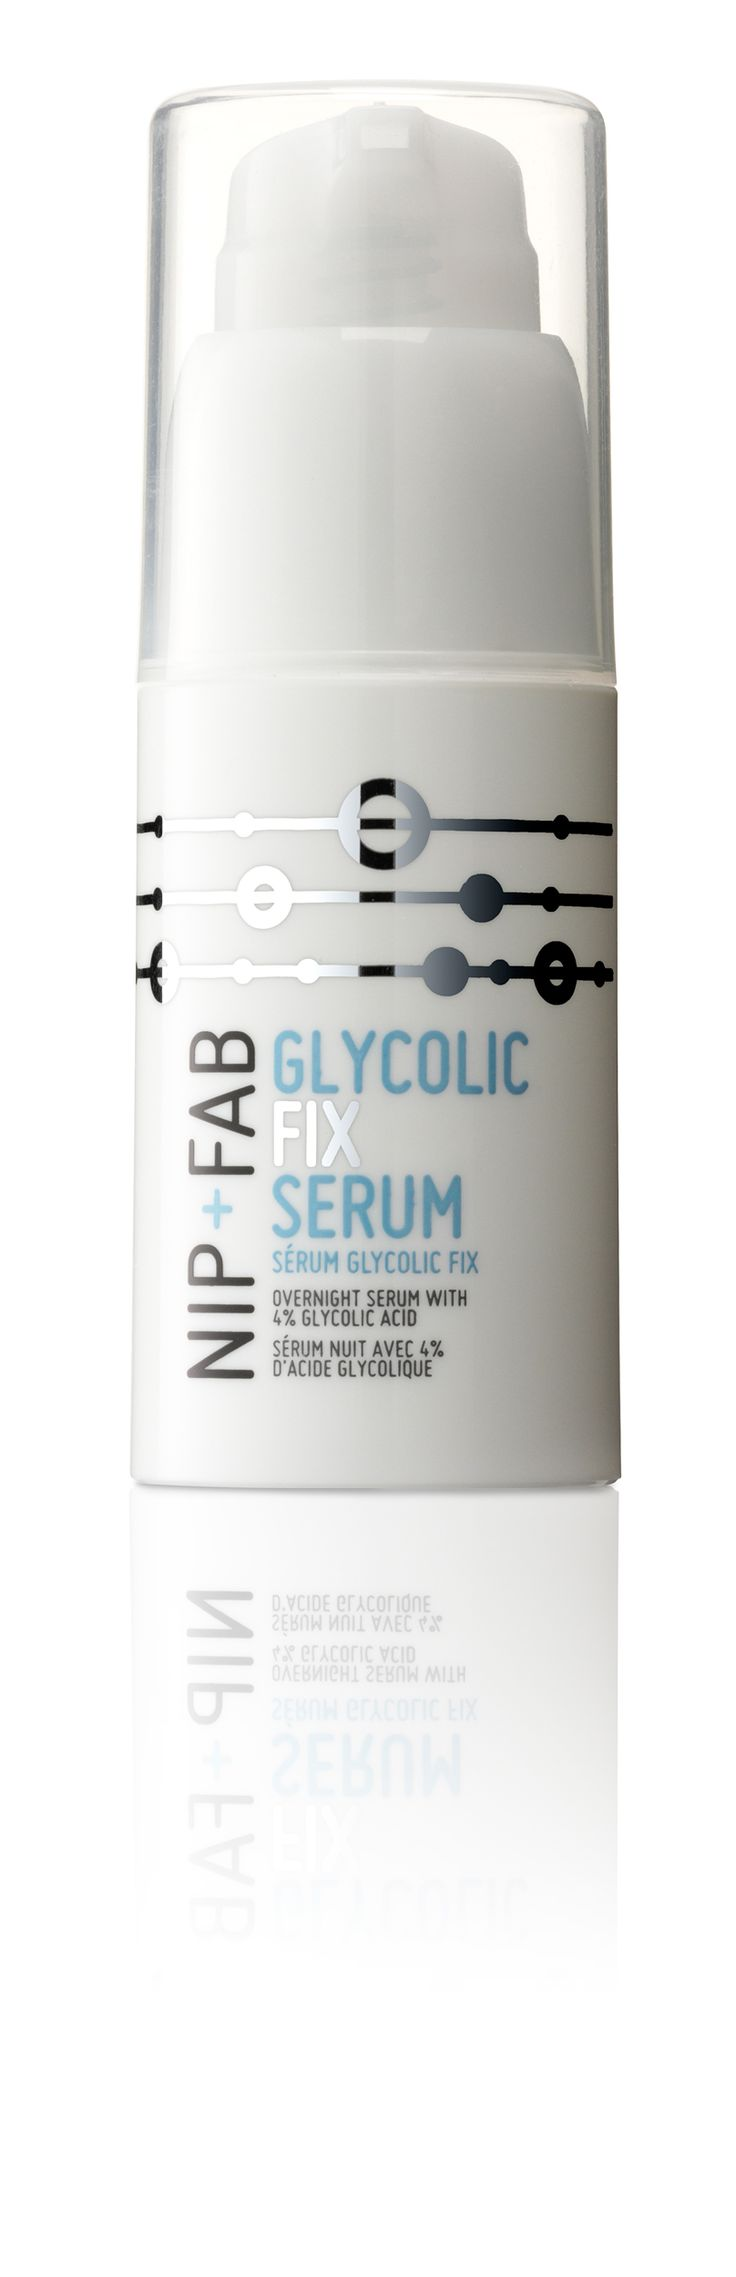 Καινοτόμο serum νύχτας με γλυκολικό οξύ 4% για ορατή μείωση των διεσταλμένων πόρων και βελτιωμένη, πιο ομοιόμορφη όψητης επιδερμίδας. Σύνθεση υψηλής αποτελεσματικότητας που περιέχει ισχυρό γλυκολι…